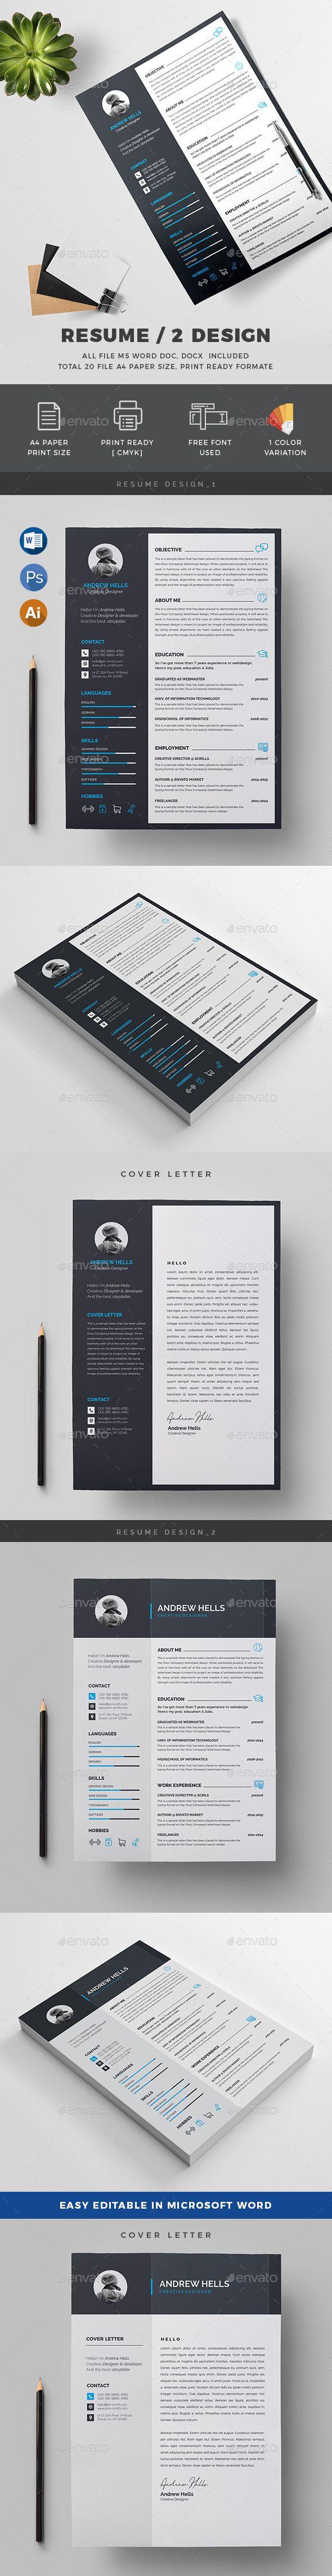 Resume Website template design, Resume template